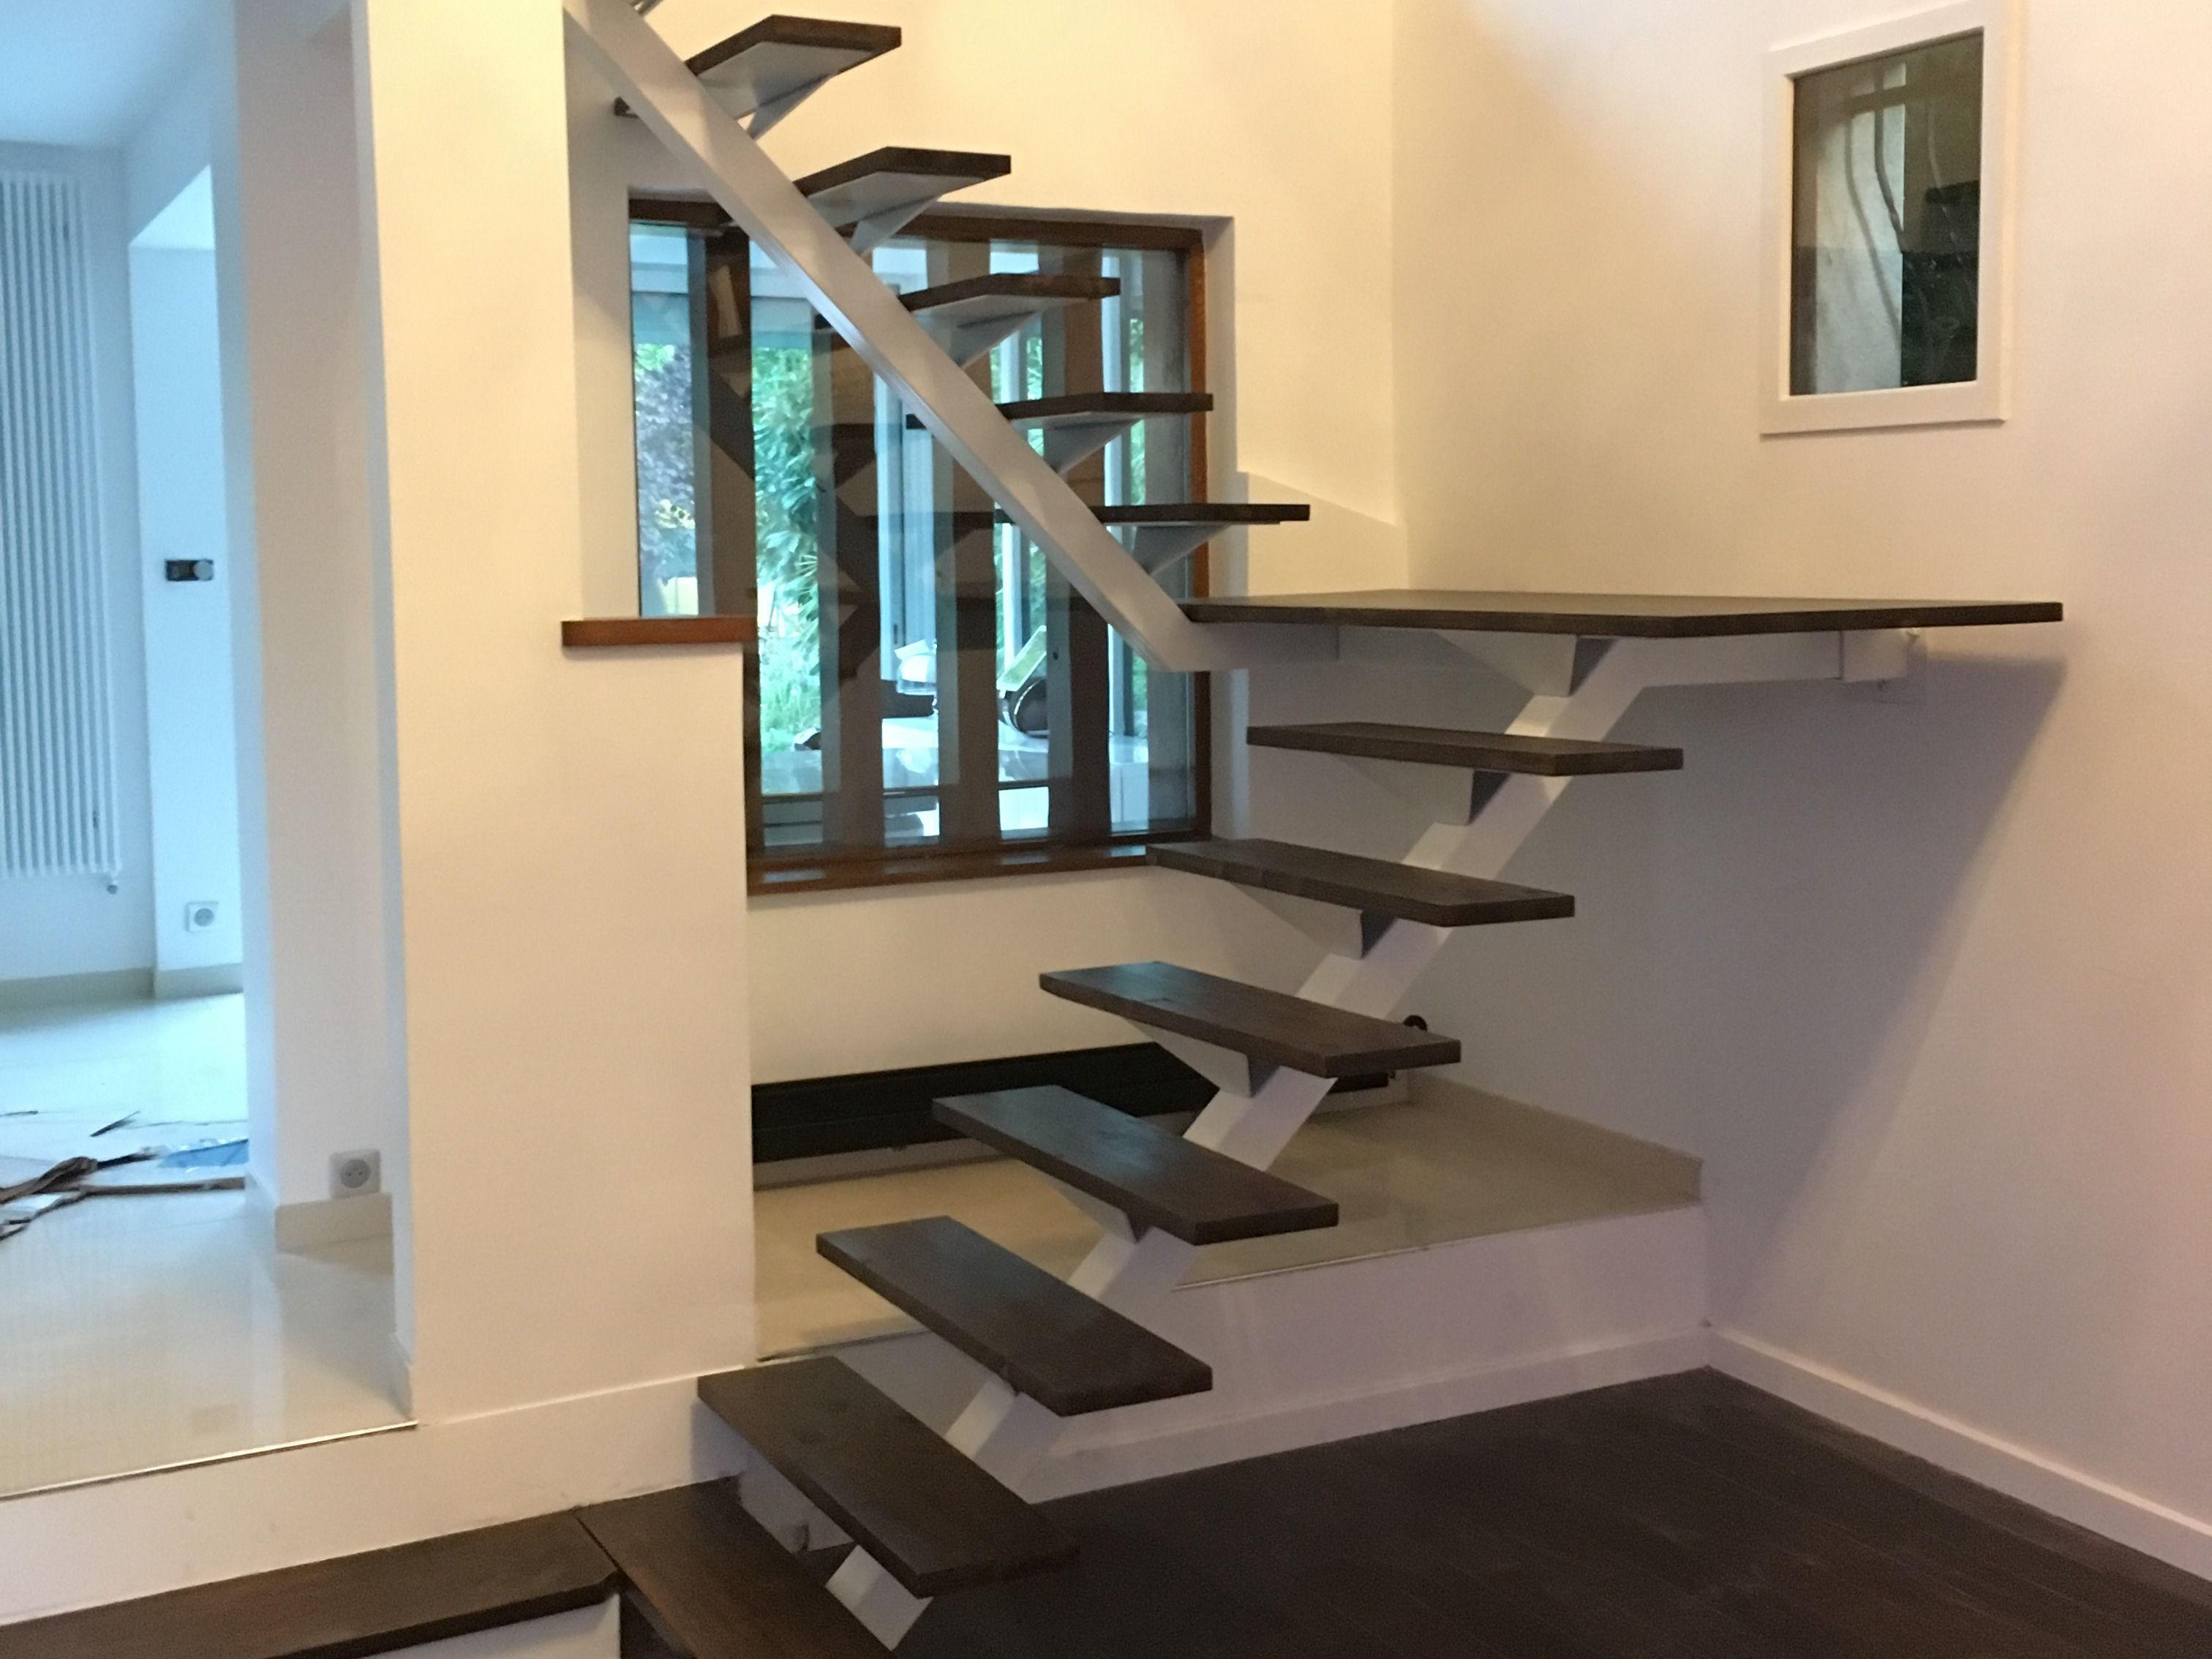 Realisation Escalier Sur Mesure Tony Martin Fabricant Escalier Metal Bois Design Meaux